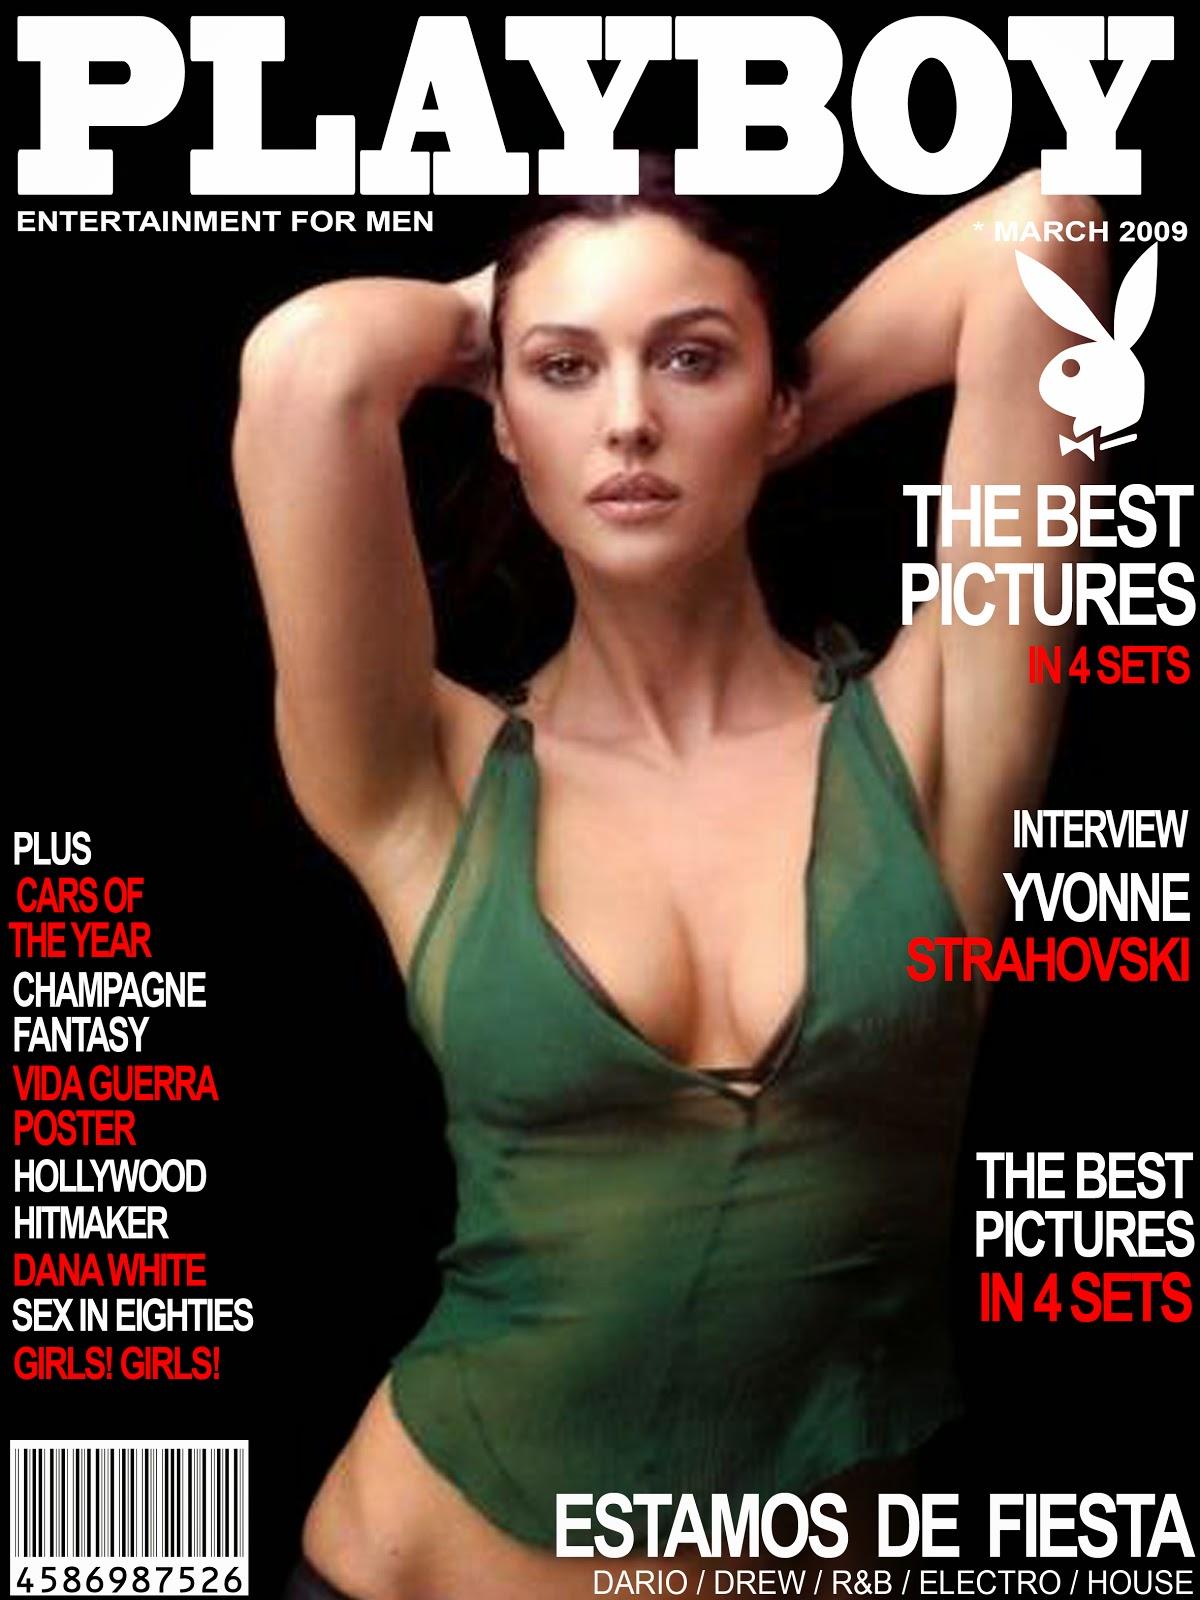 labiblioteque: Plantilla de photoshop de la revista PLAY BOY